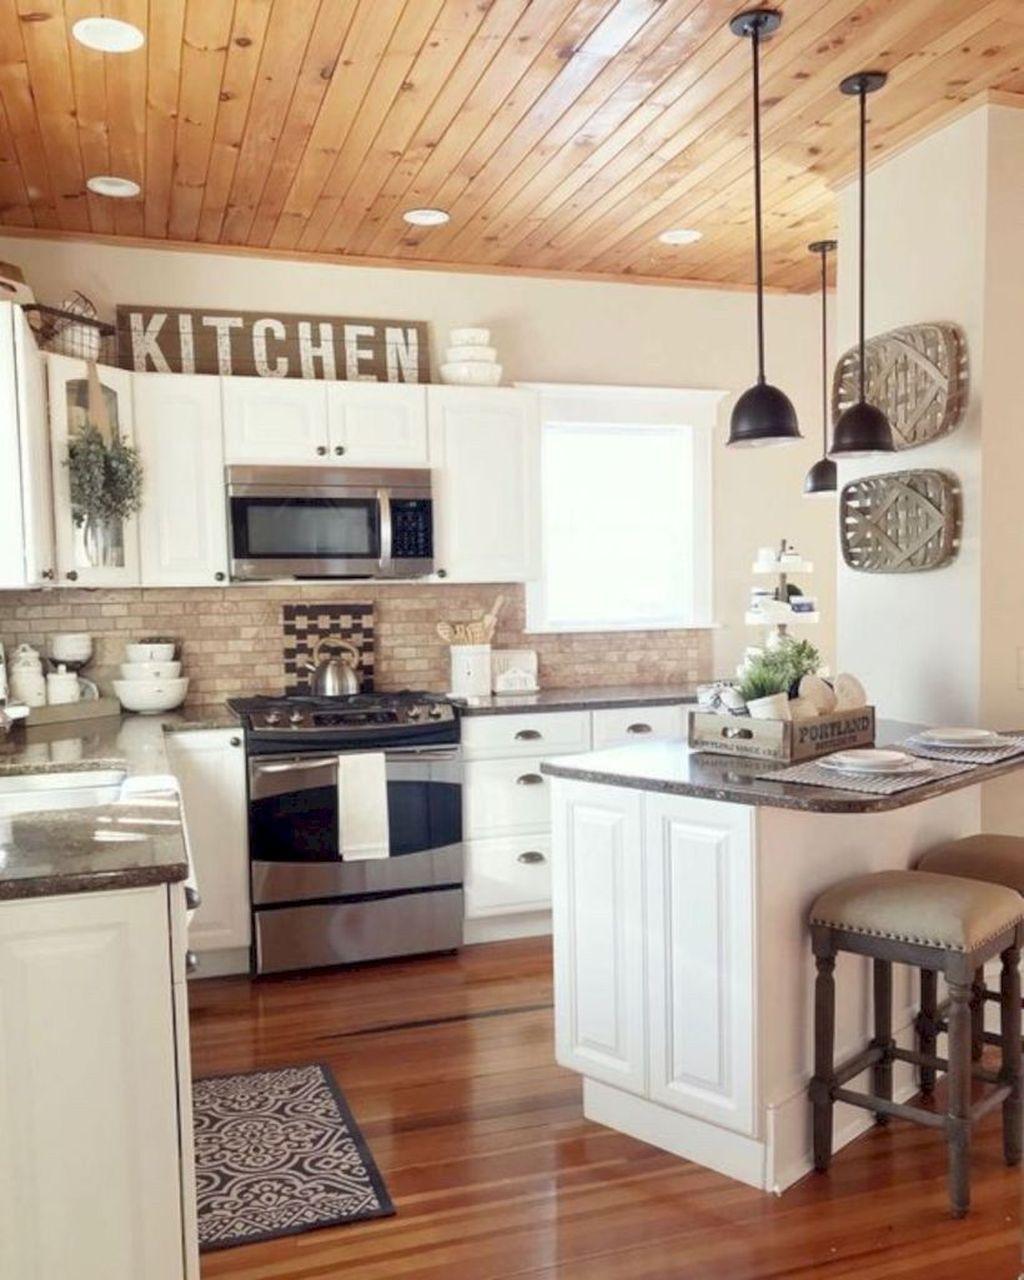 Cozy white farmhouse kitchen farmhousedecor kitcheninspiration fixerupperstyle homekitchen home in kitchens also rh pinterest